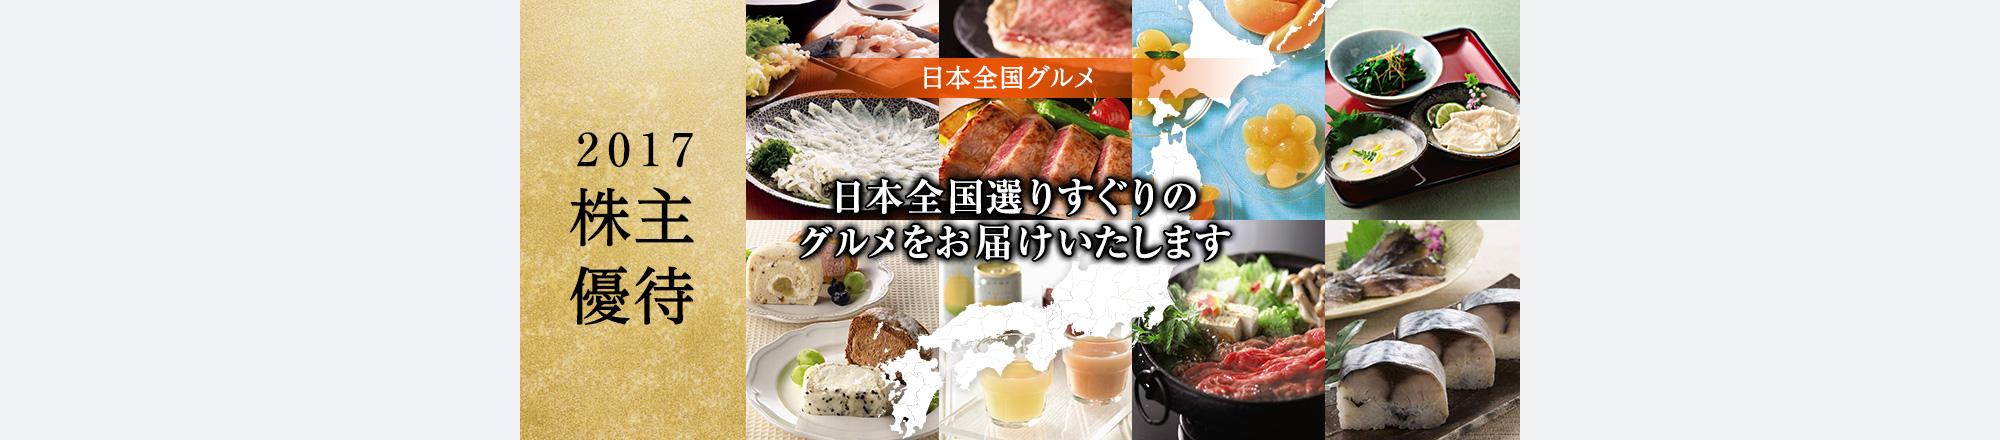 2017 株主優待 日本全国グルメ 日本全国選りすぐりのグルメをお届けいたします